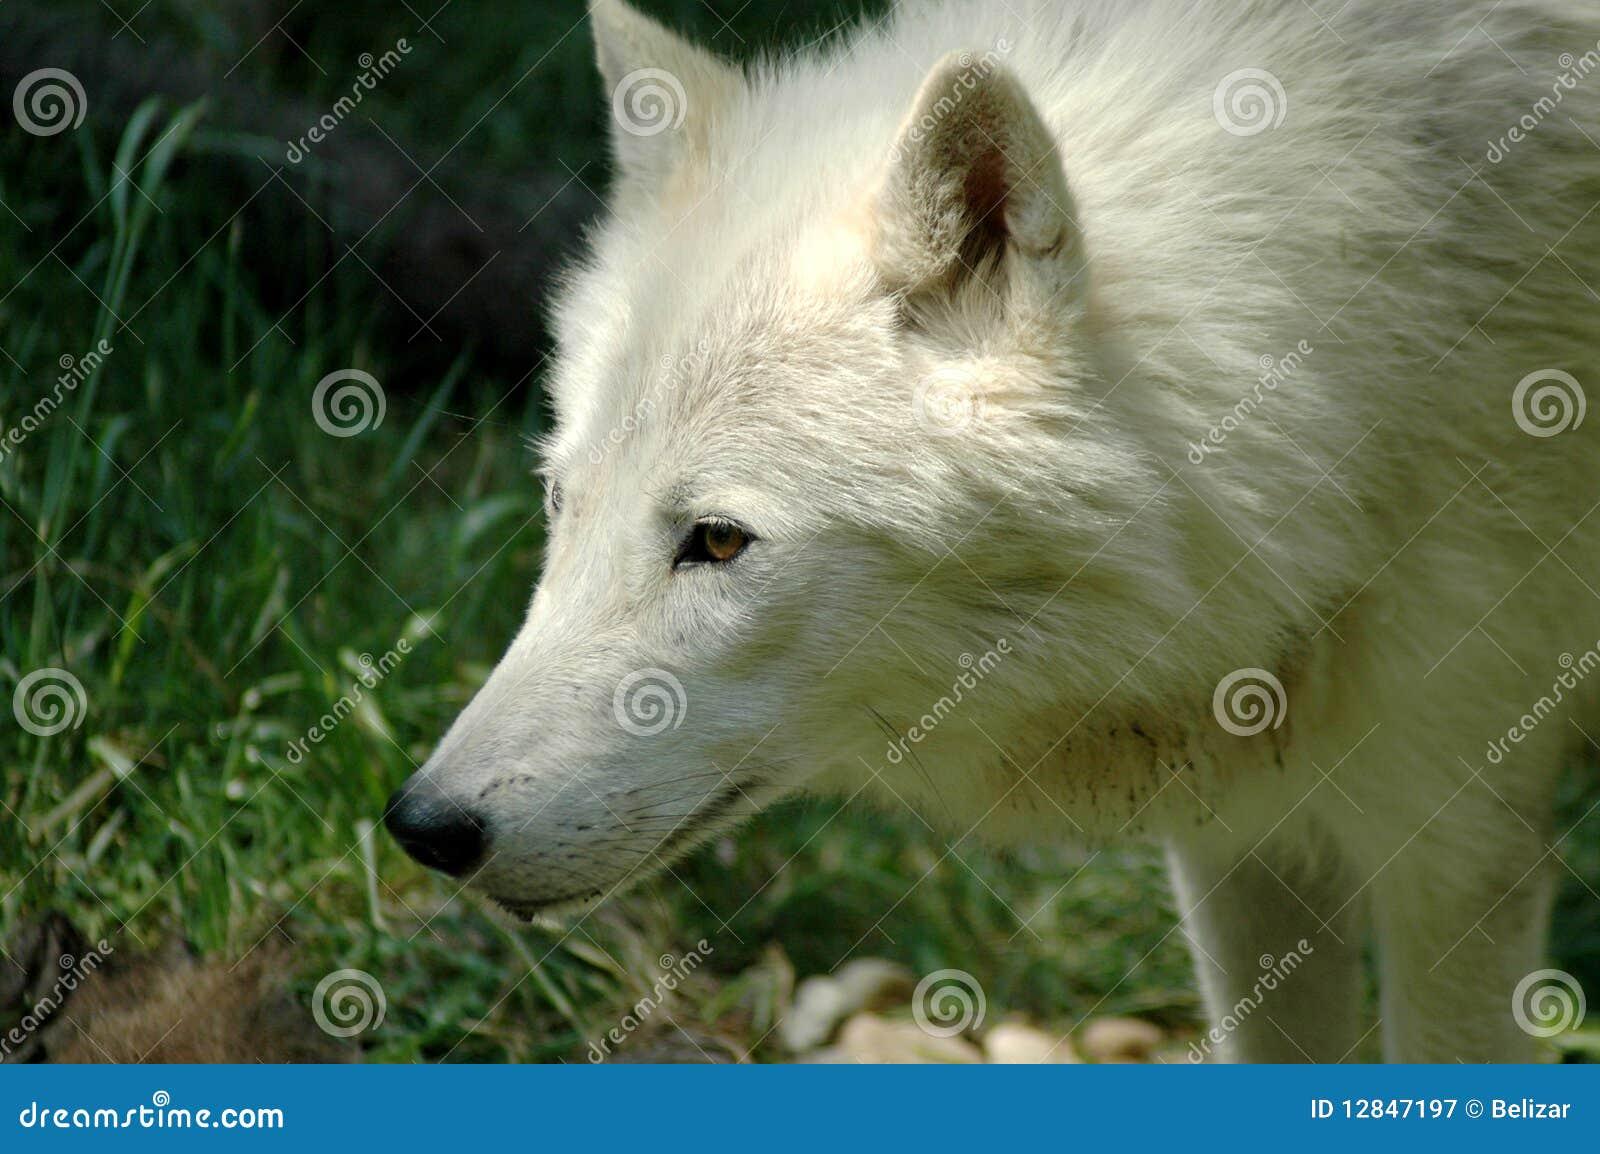 Arktyczny arctos canis lupus wilk